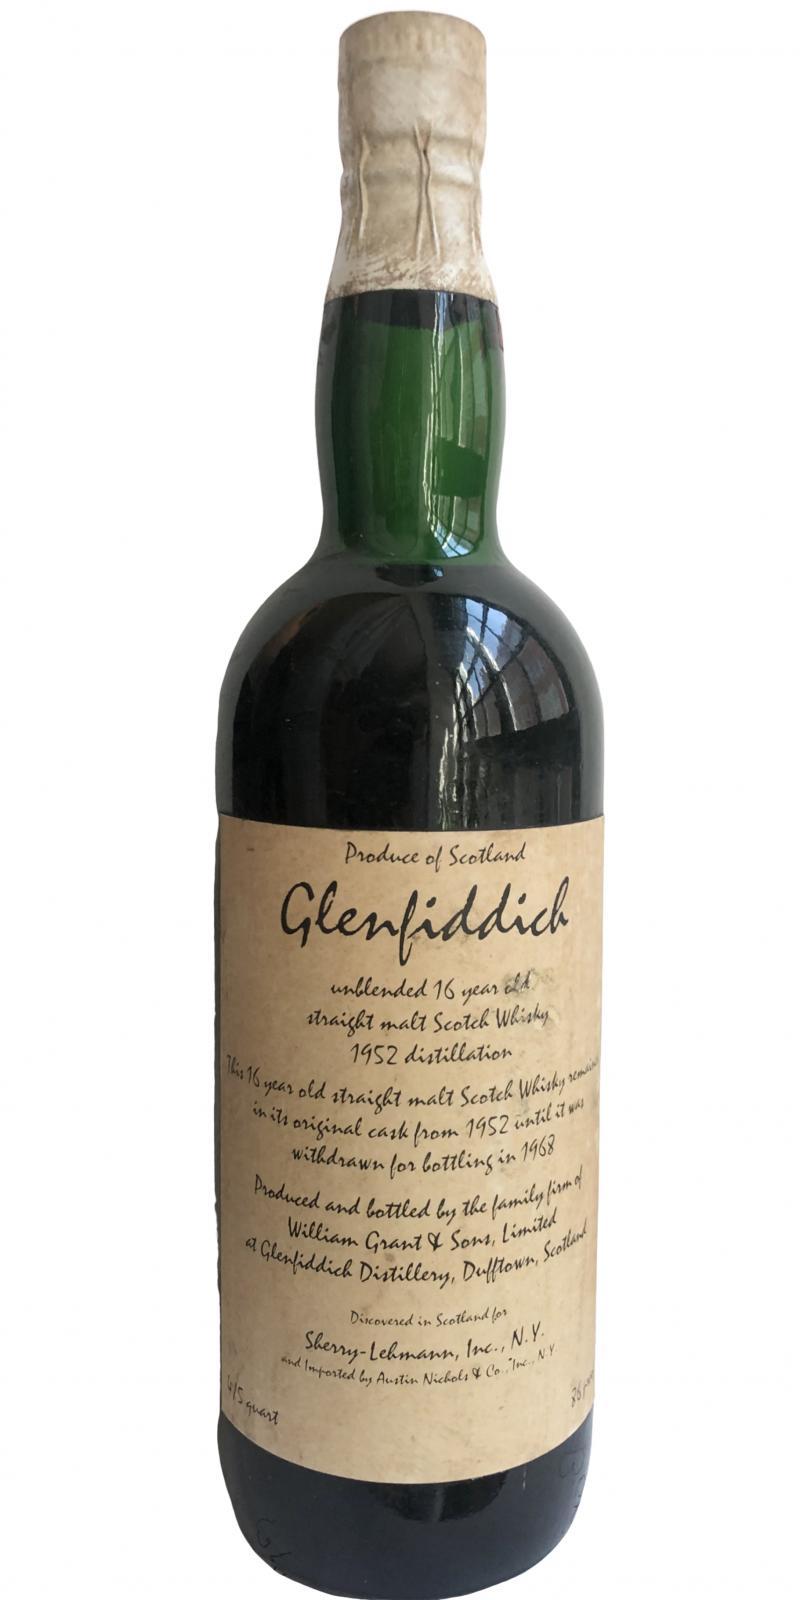 Glenfiddich 1952